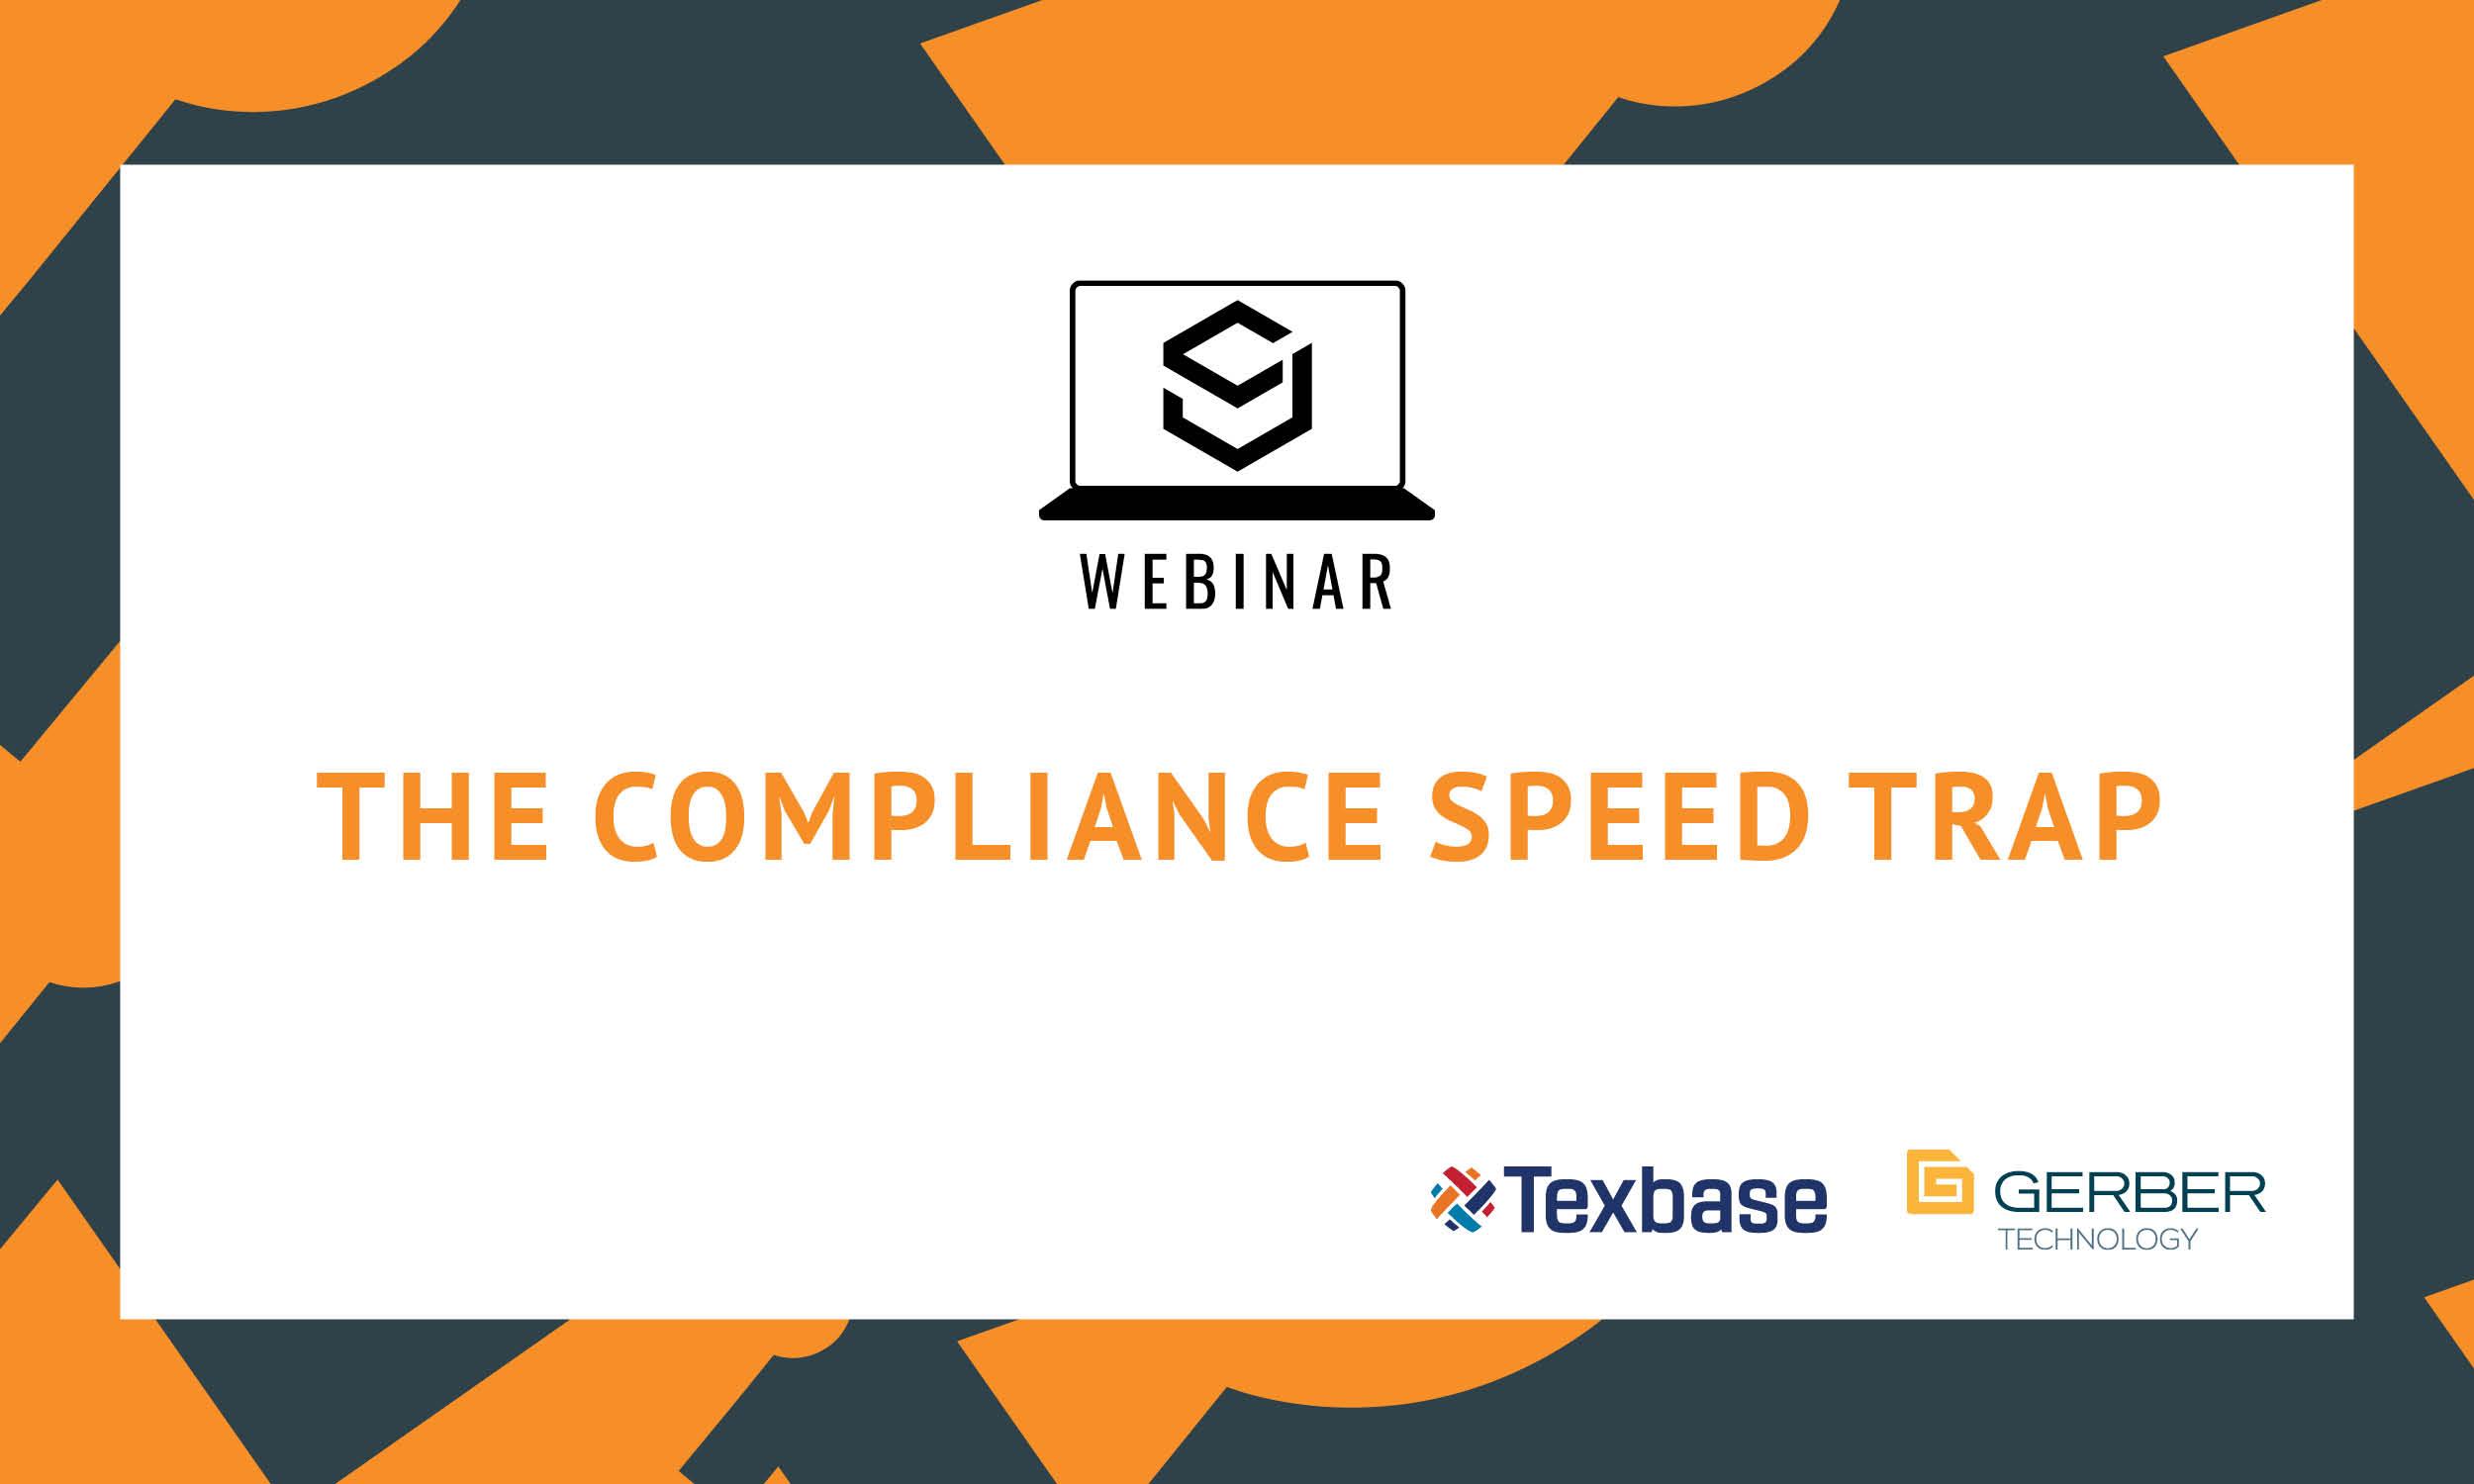 SJ Webinar: The Compliance Speed Trap